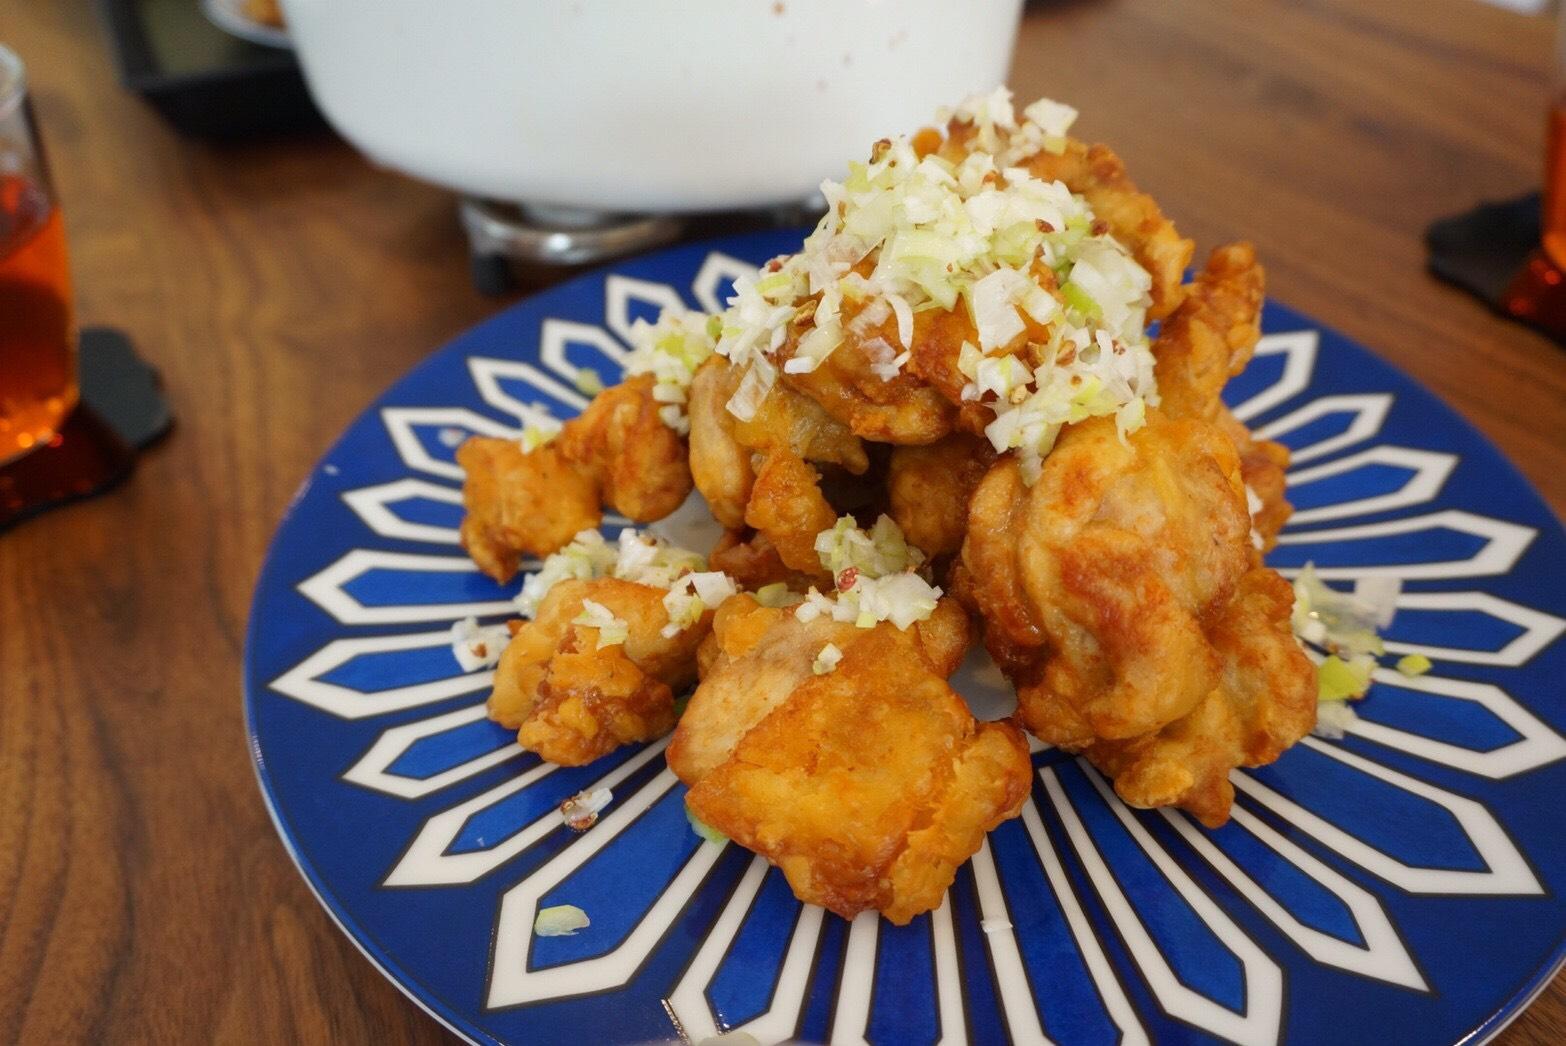 『鶏の唐揚げ 花椒香るネギソース』- 料理教室 2017年6月(おさらいクラス)